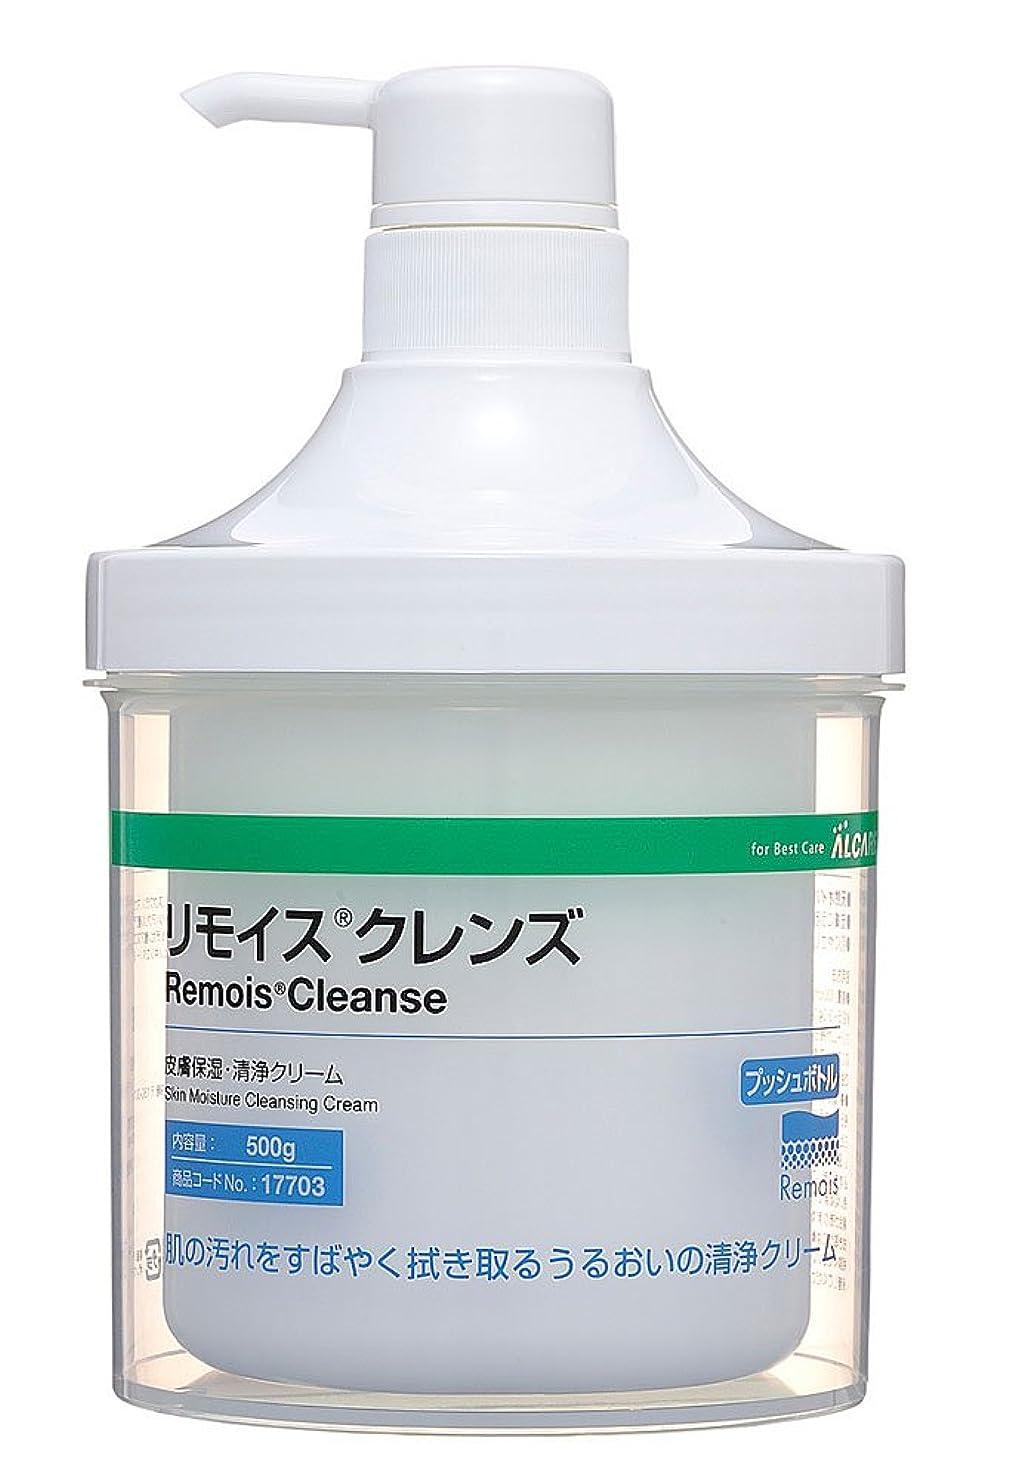 マラウイ機動維持するアルケア リモイスクレンズ 皮膚保湿?清浄クリーム 17703 プッシュボトル 500g